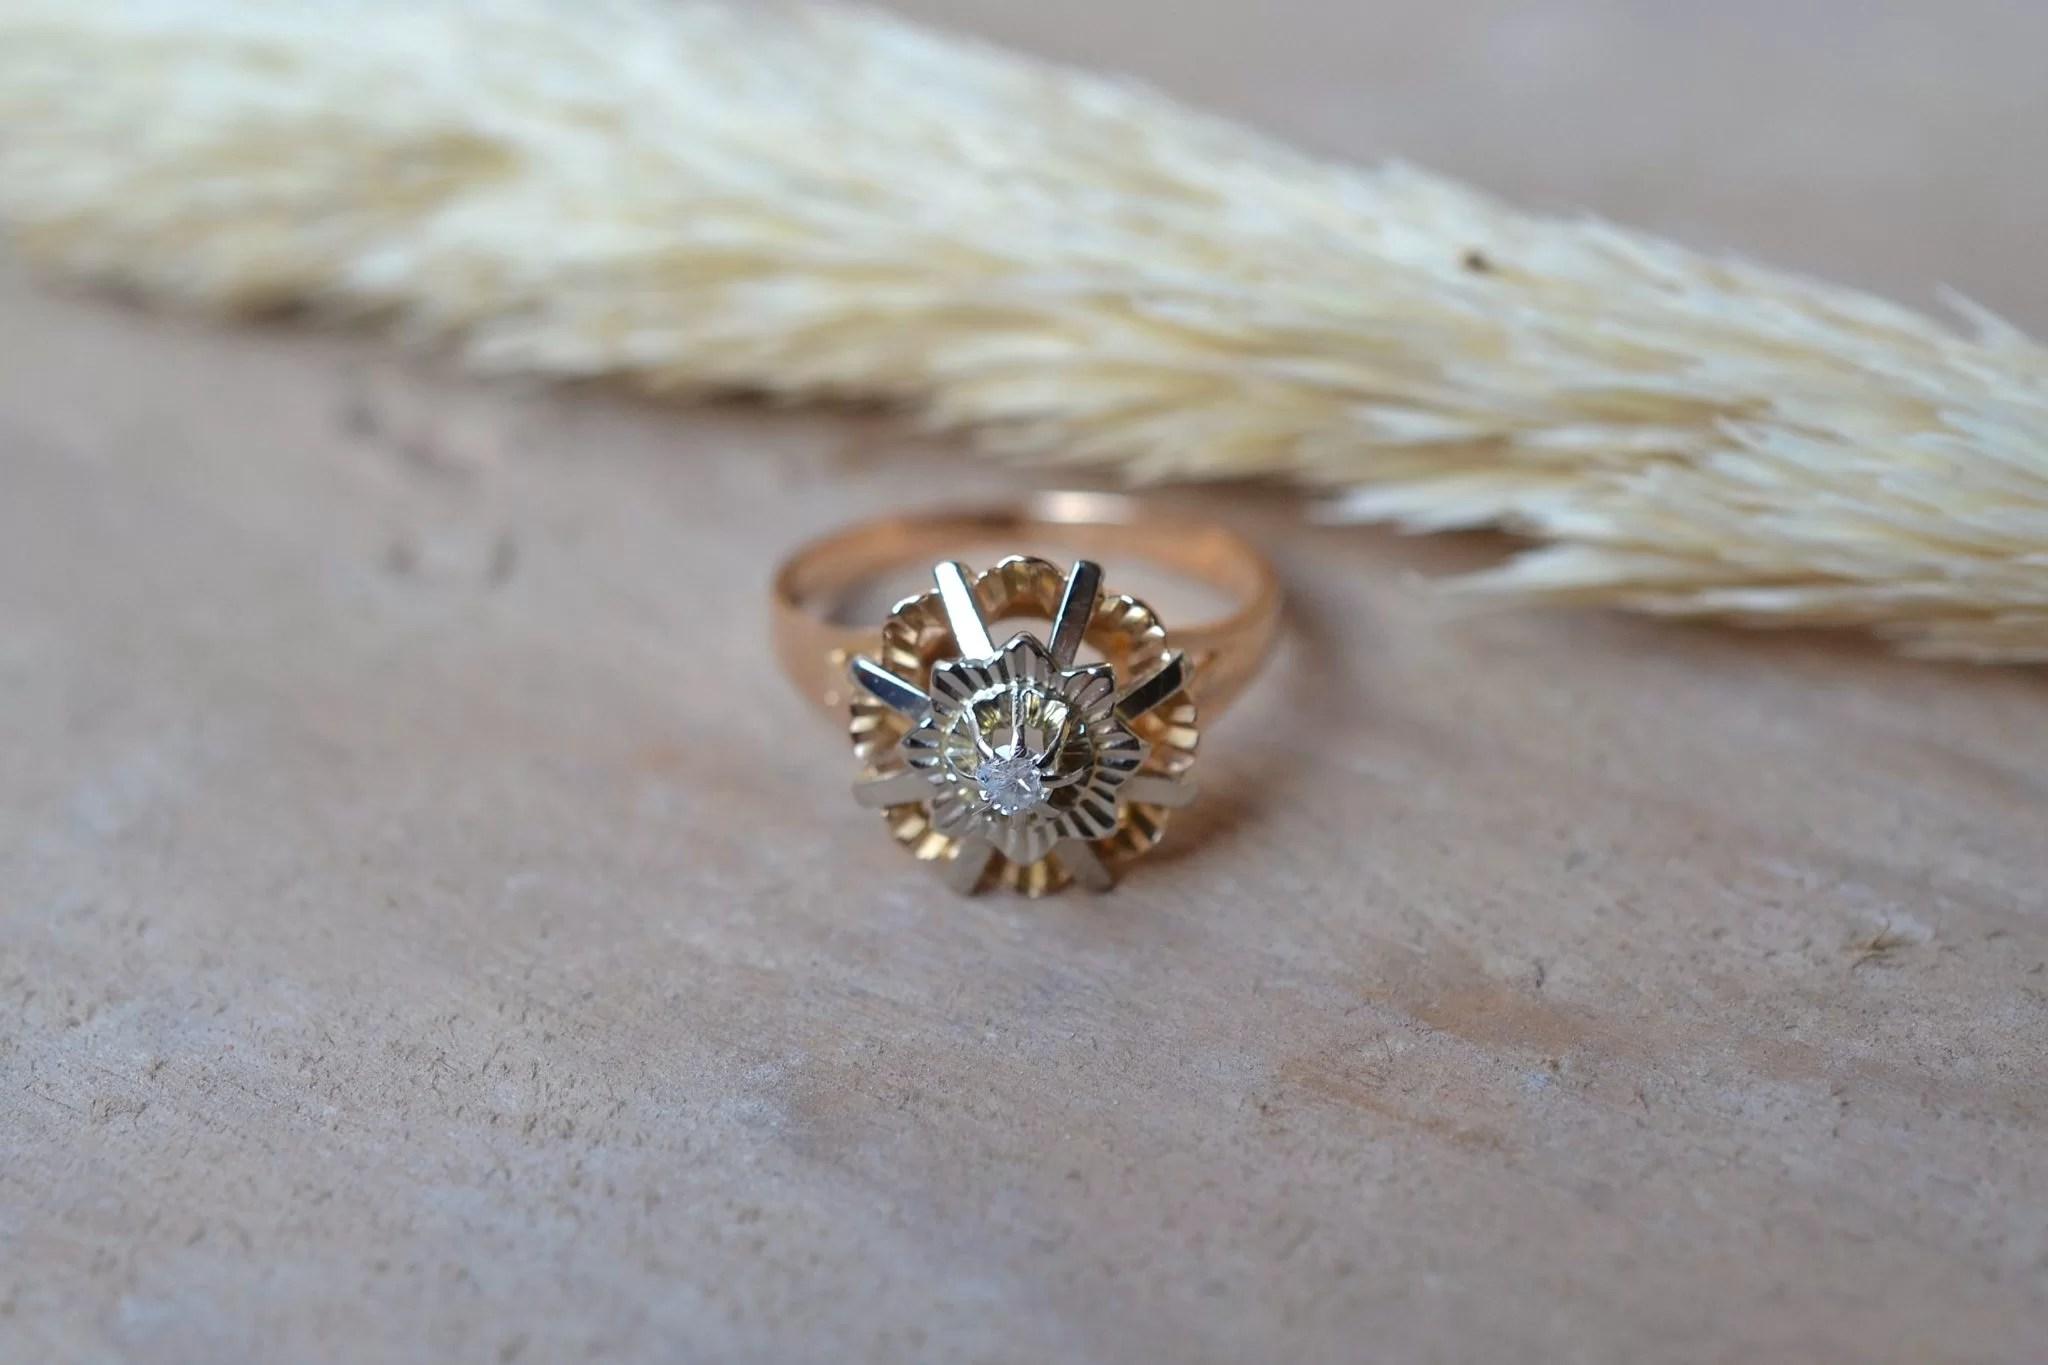 Bague Ciselée En Or Jaune, Sertie D_un Diamant Sur Un Décor En Or Blanc Étoilé - Bague De Fiançailles Vintage